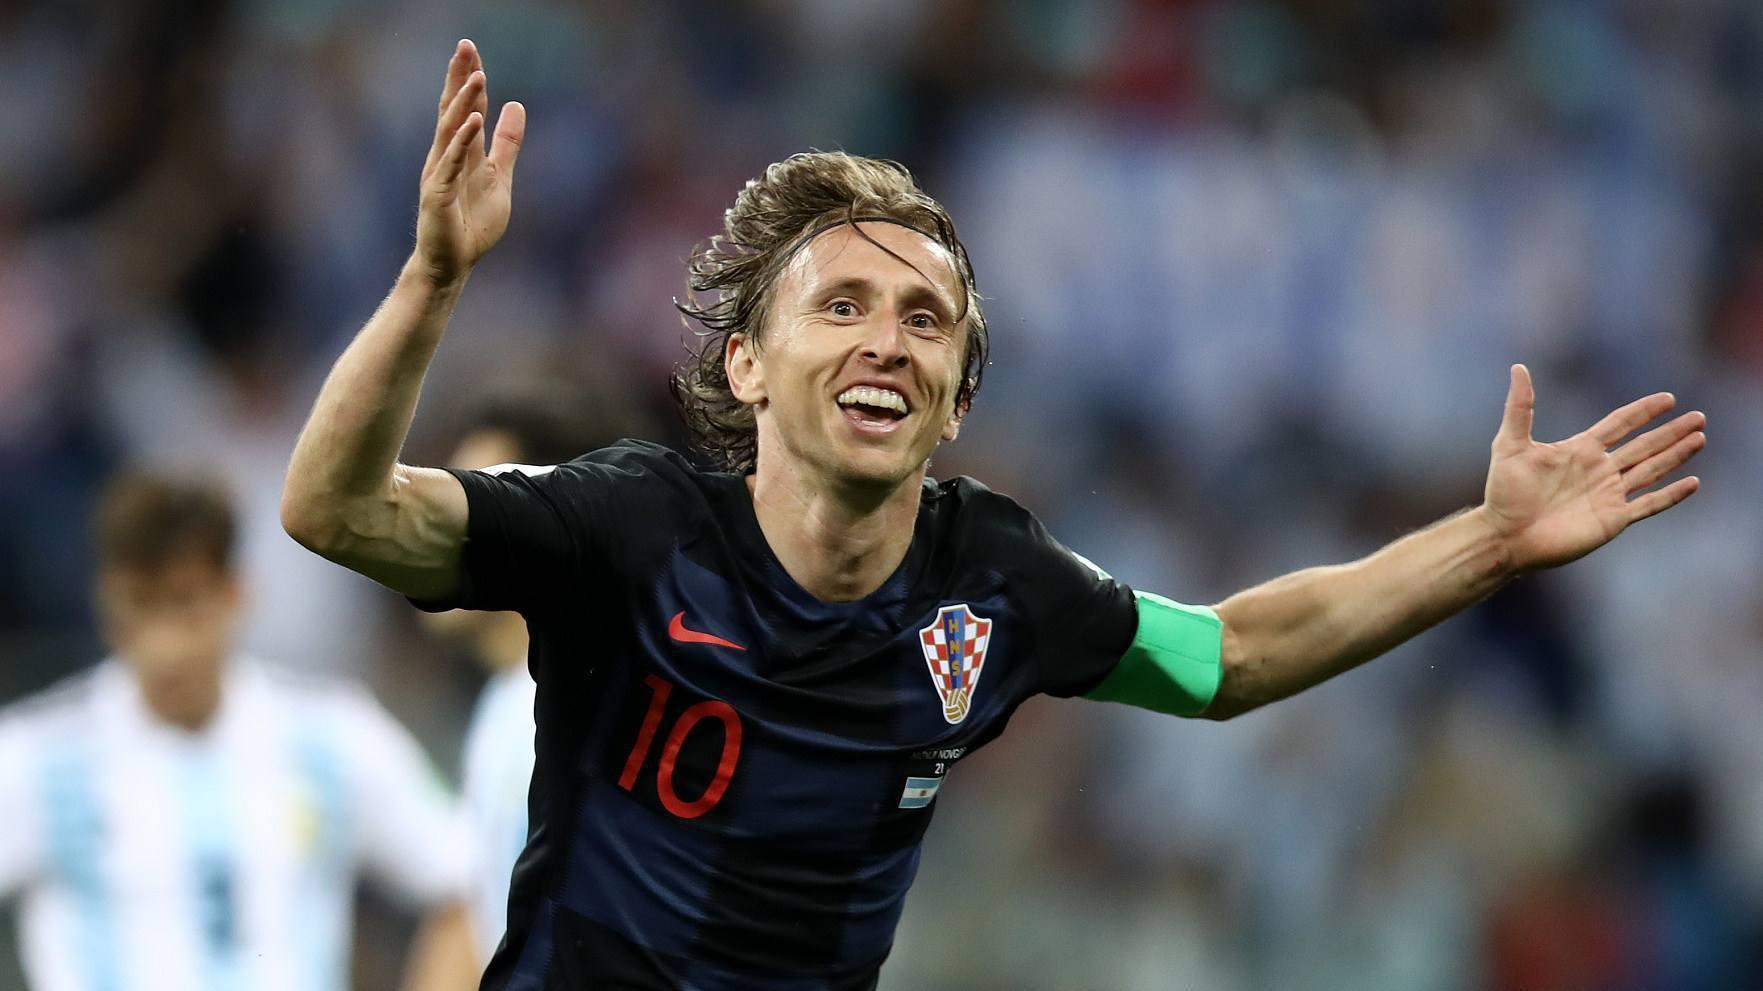 6.如今已是克罗地亚国家队队长的卢卡·莫德里奇